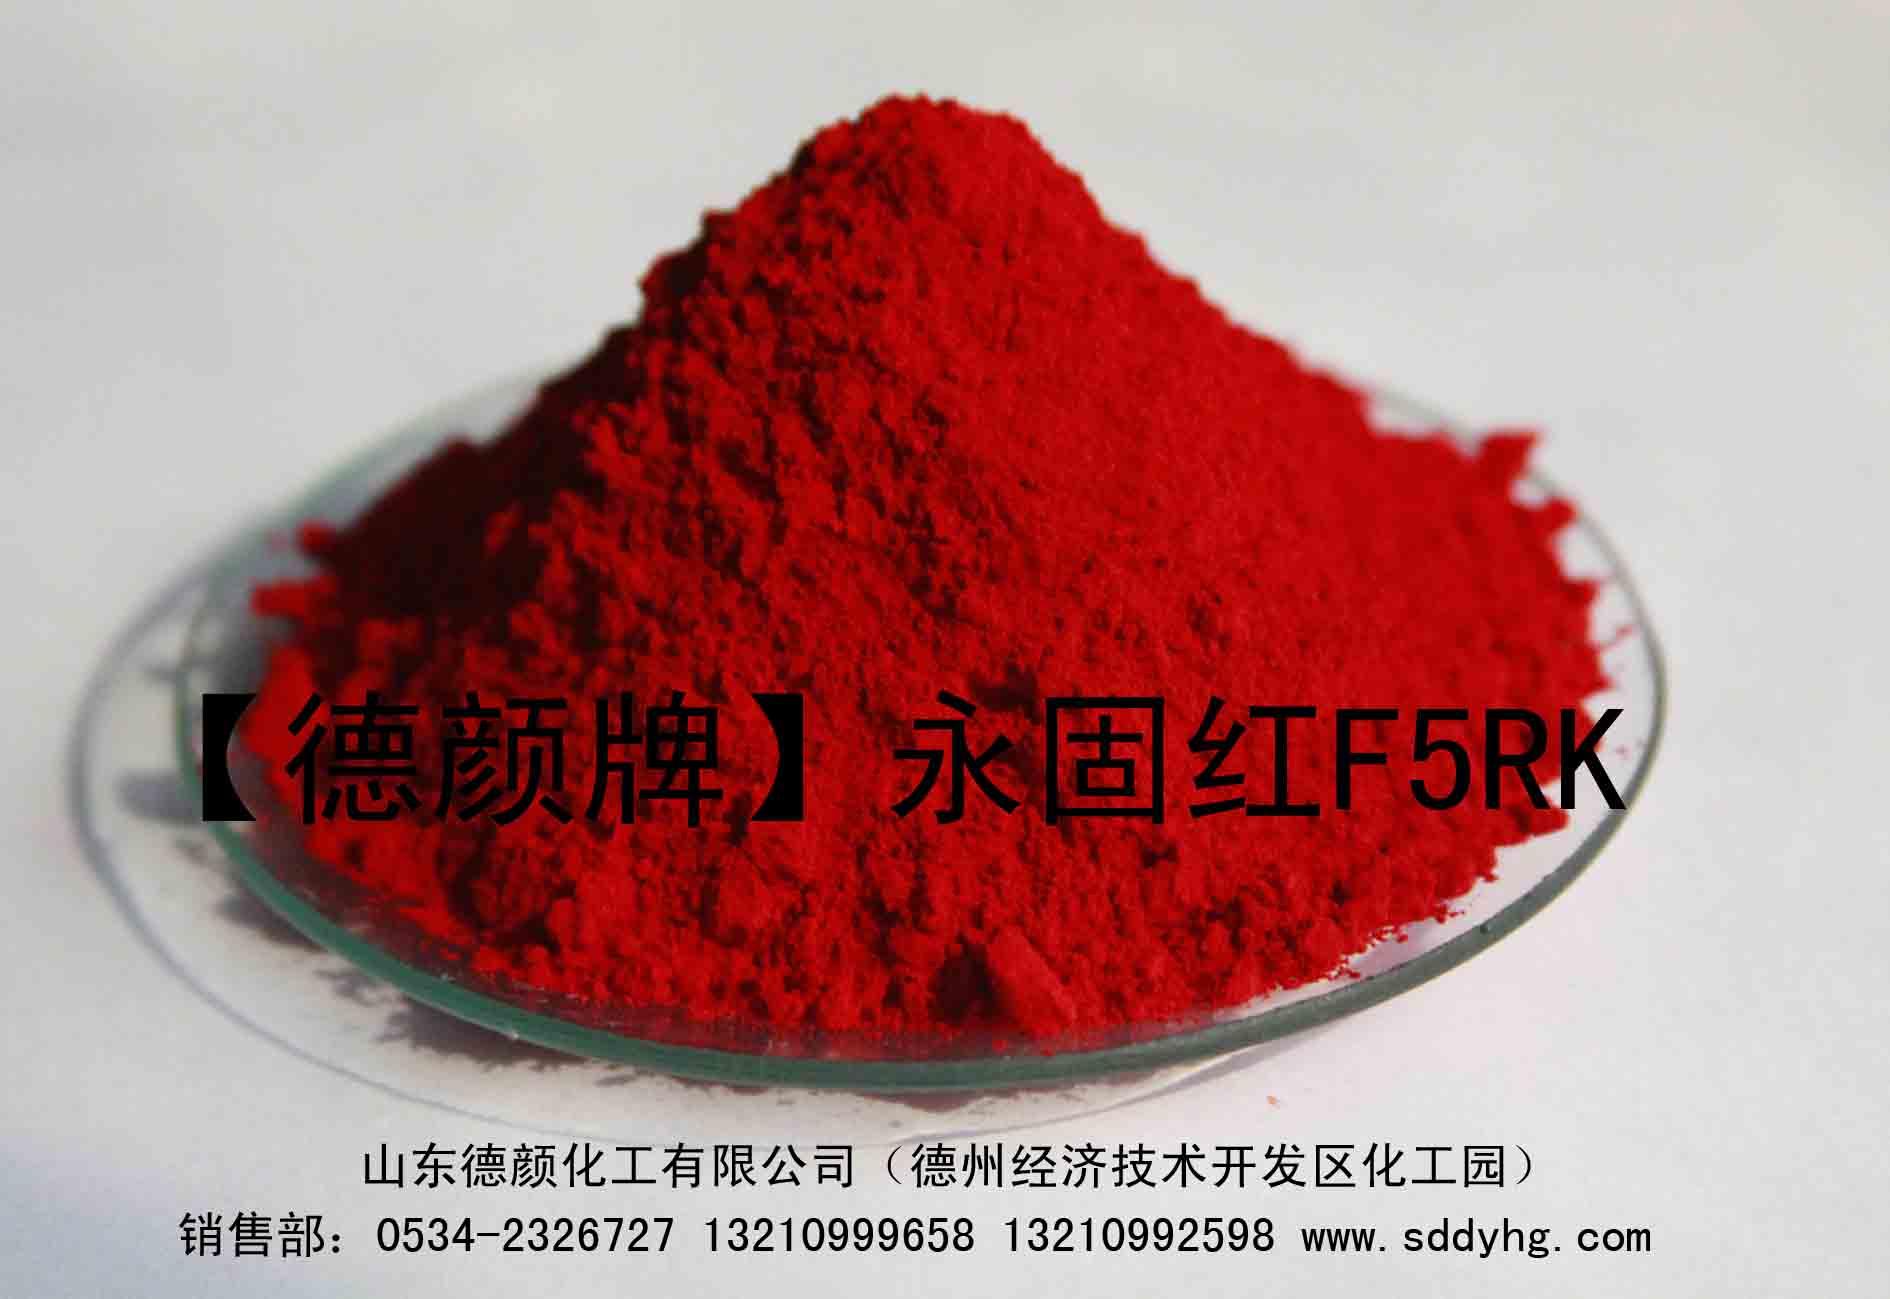 粉末涂料厂专用永固红颜料,永固红F5RK,170号红颜料